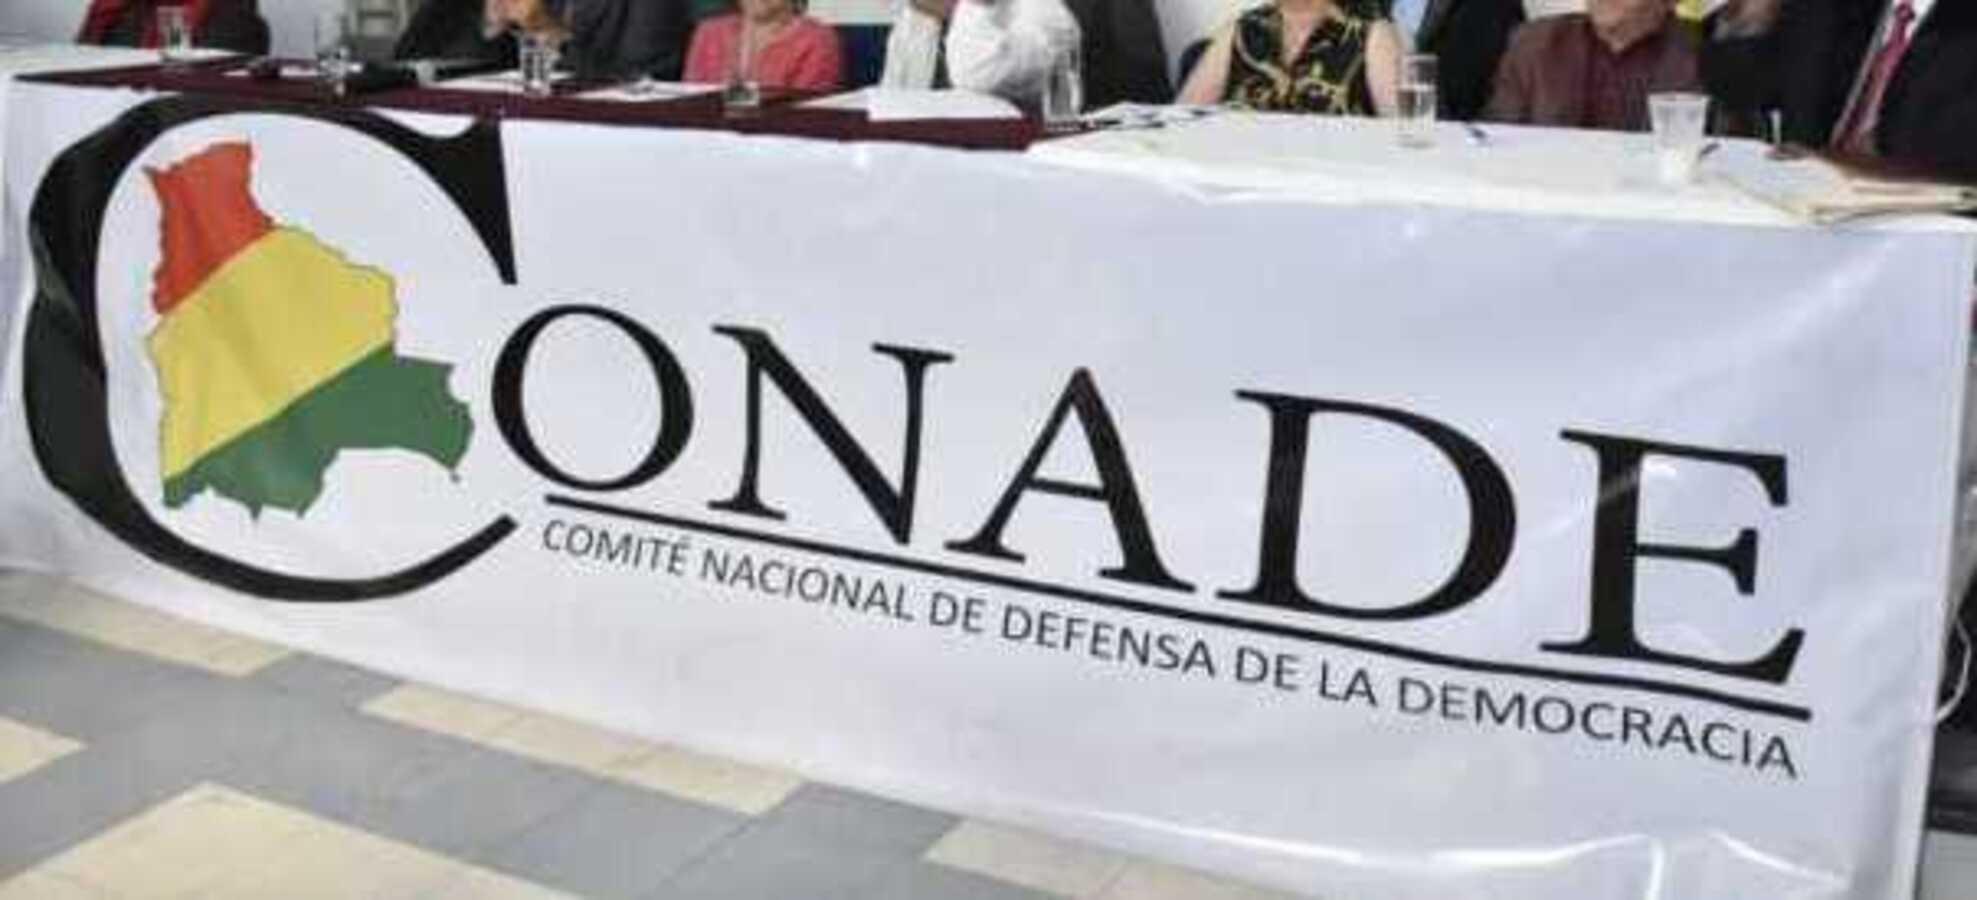 Conade convoca a un encuentro nacional por la defensa de la democracia